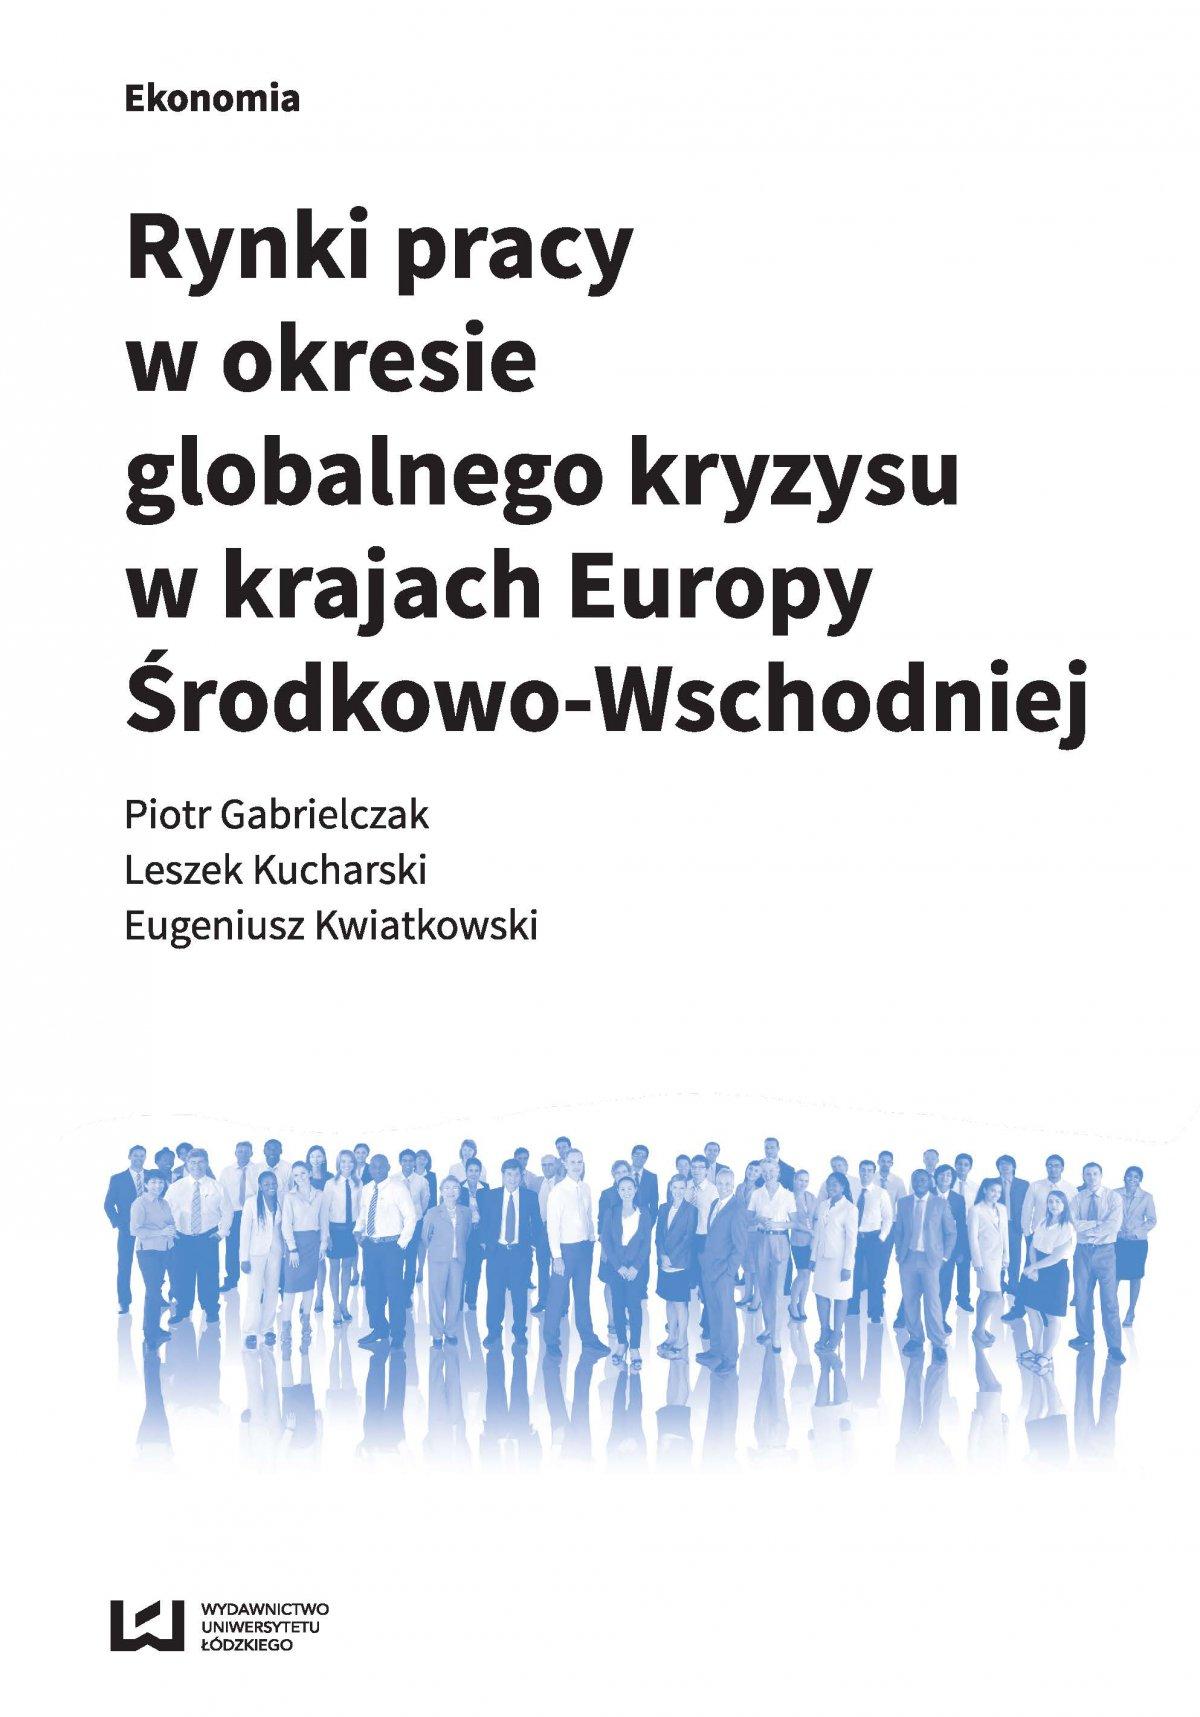 Rynki pracy w okresie globalnego kryzysu w krajach Europy Środkowo-Wschodniej - Ebook (Książka PDF) do pobrania w formacie PDF